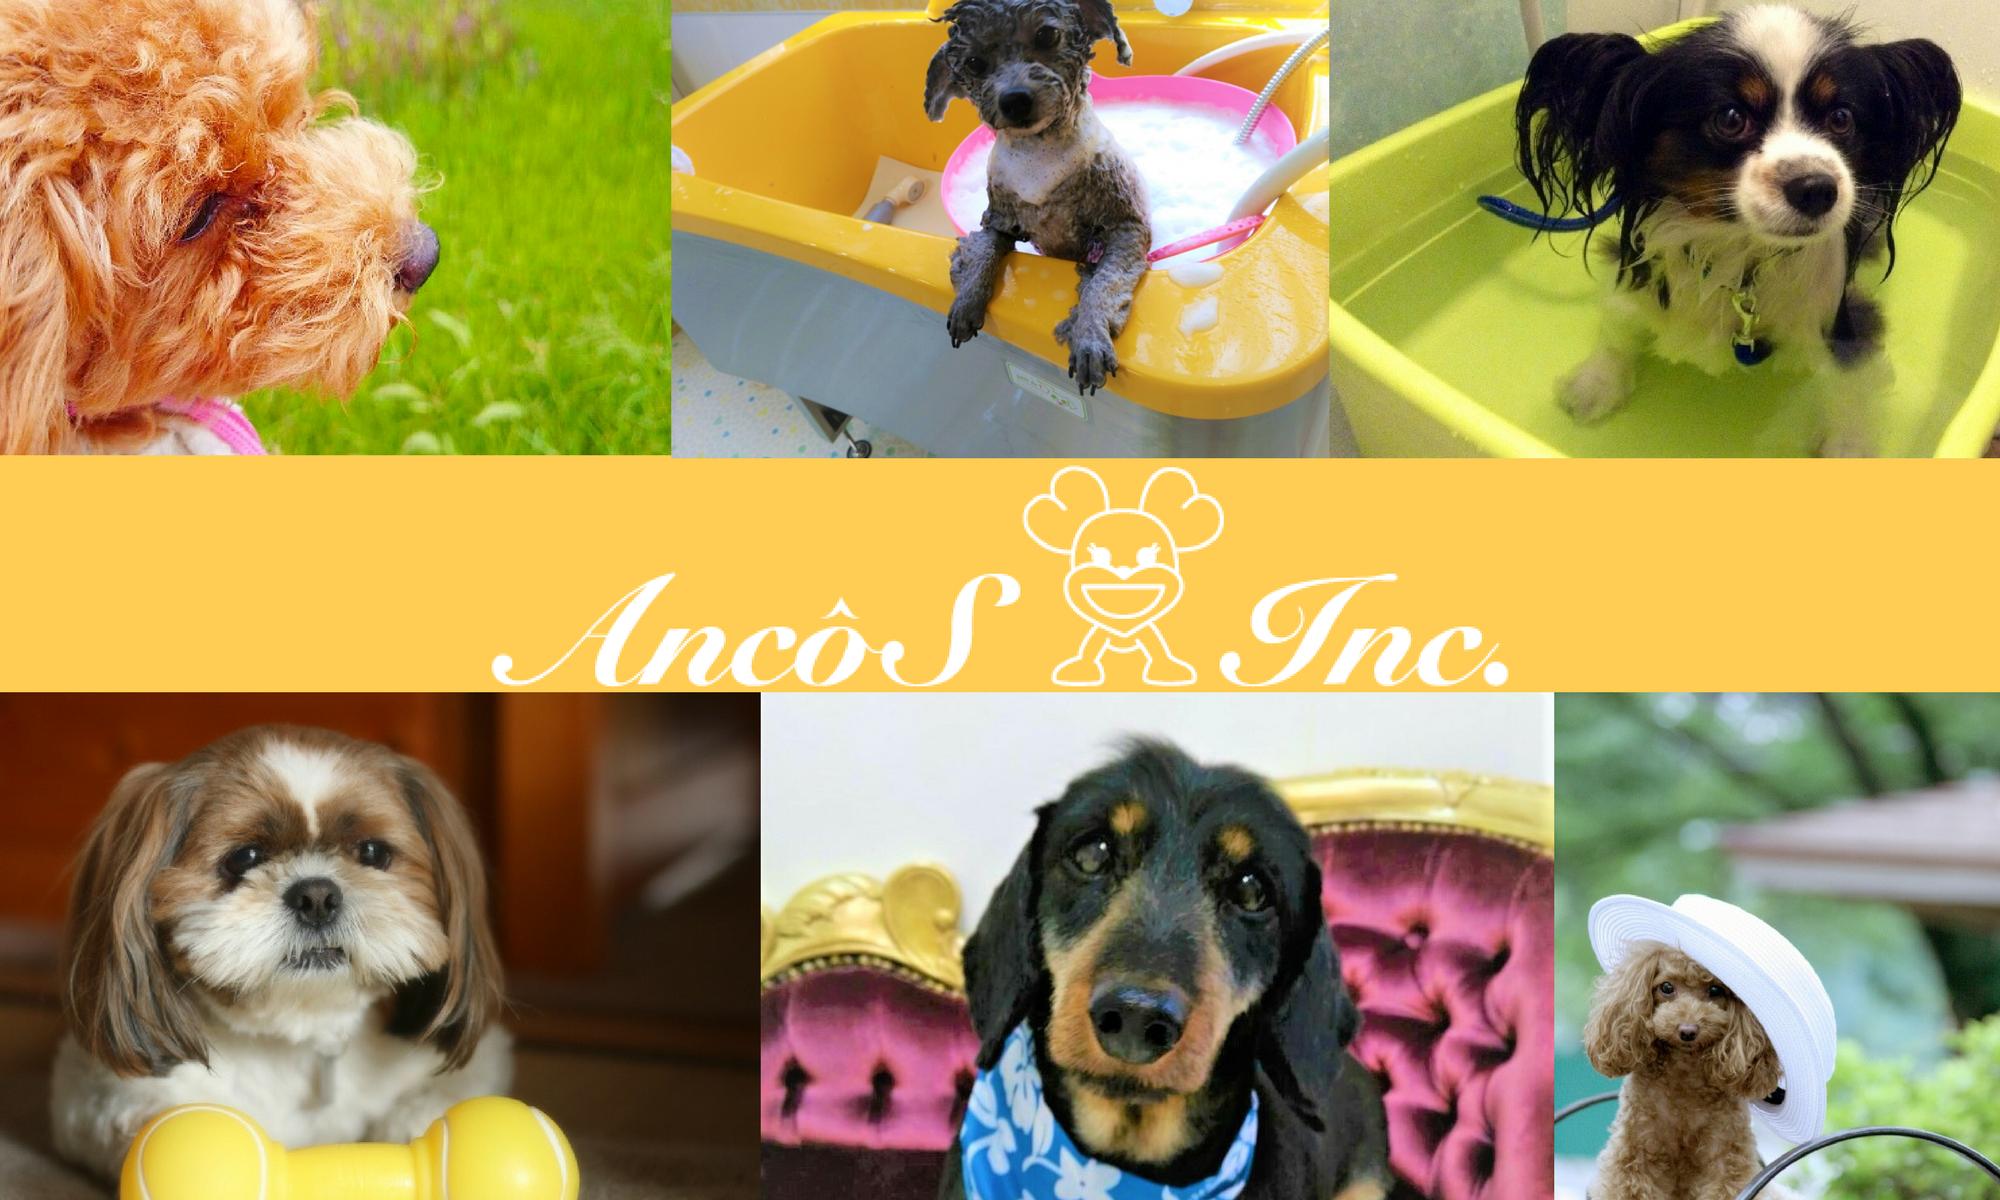 AncoS-アンコーズ-|大阪府守口市のドッグトリミングサロン